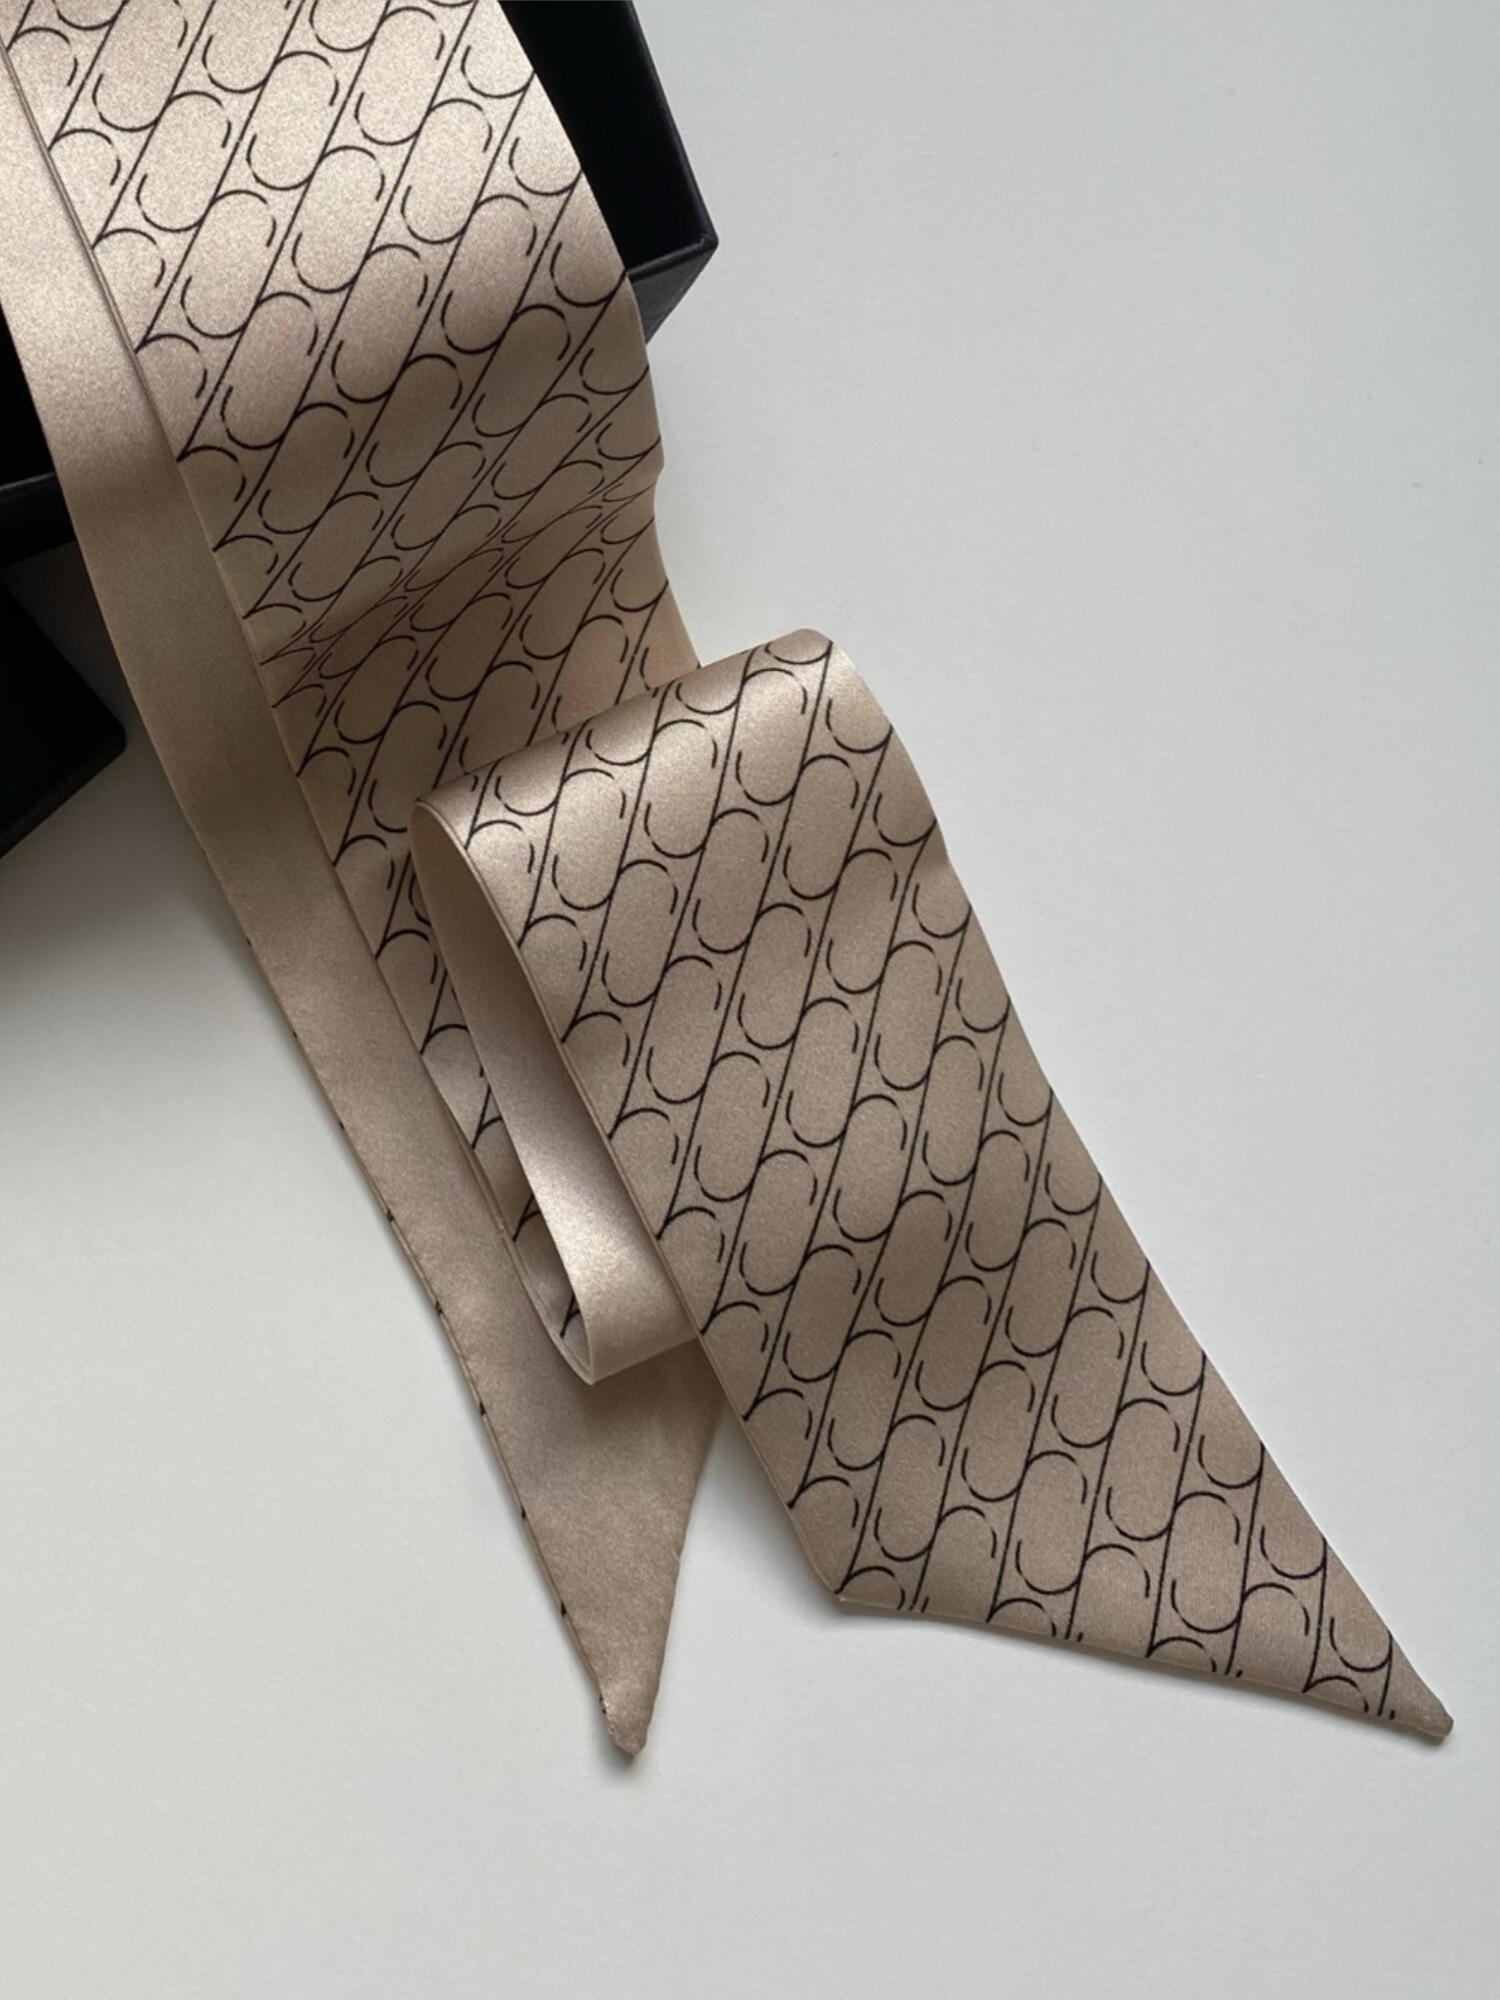 Jedwabny krawacik Sine Silk | CREAM - Sine Silk | JestemSlow.pl